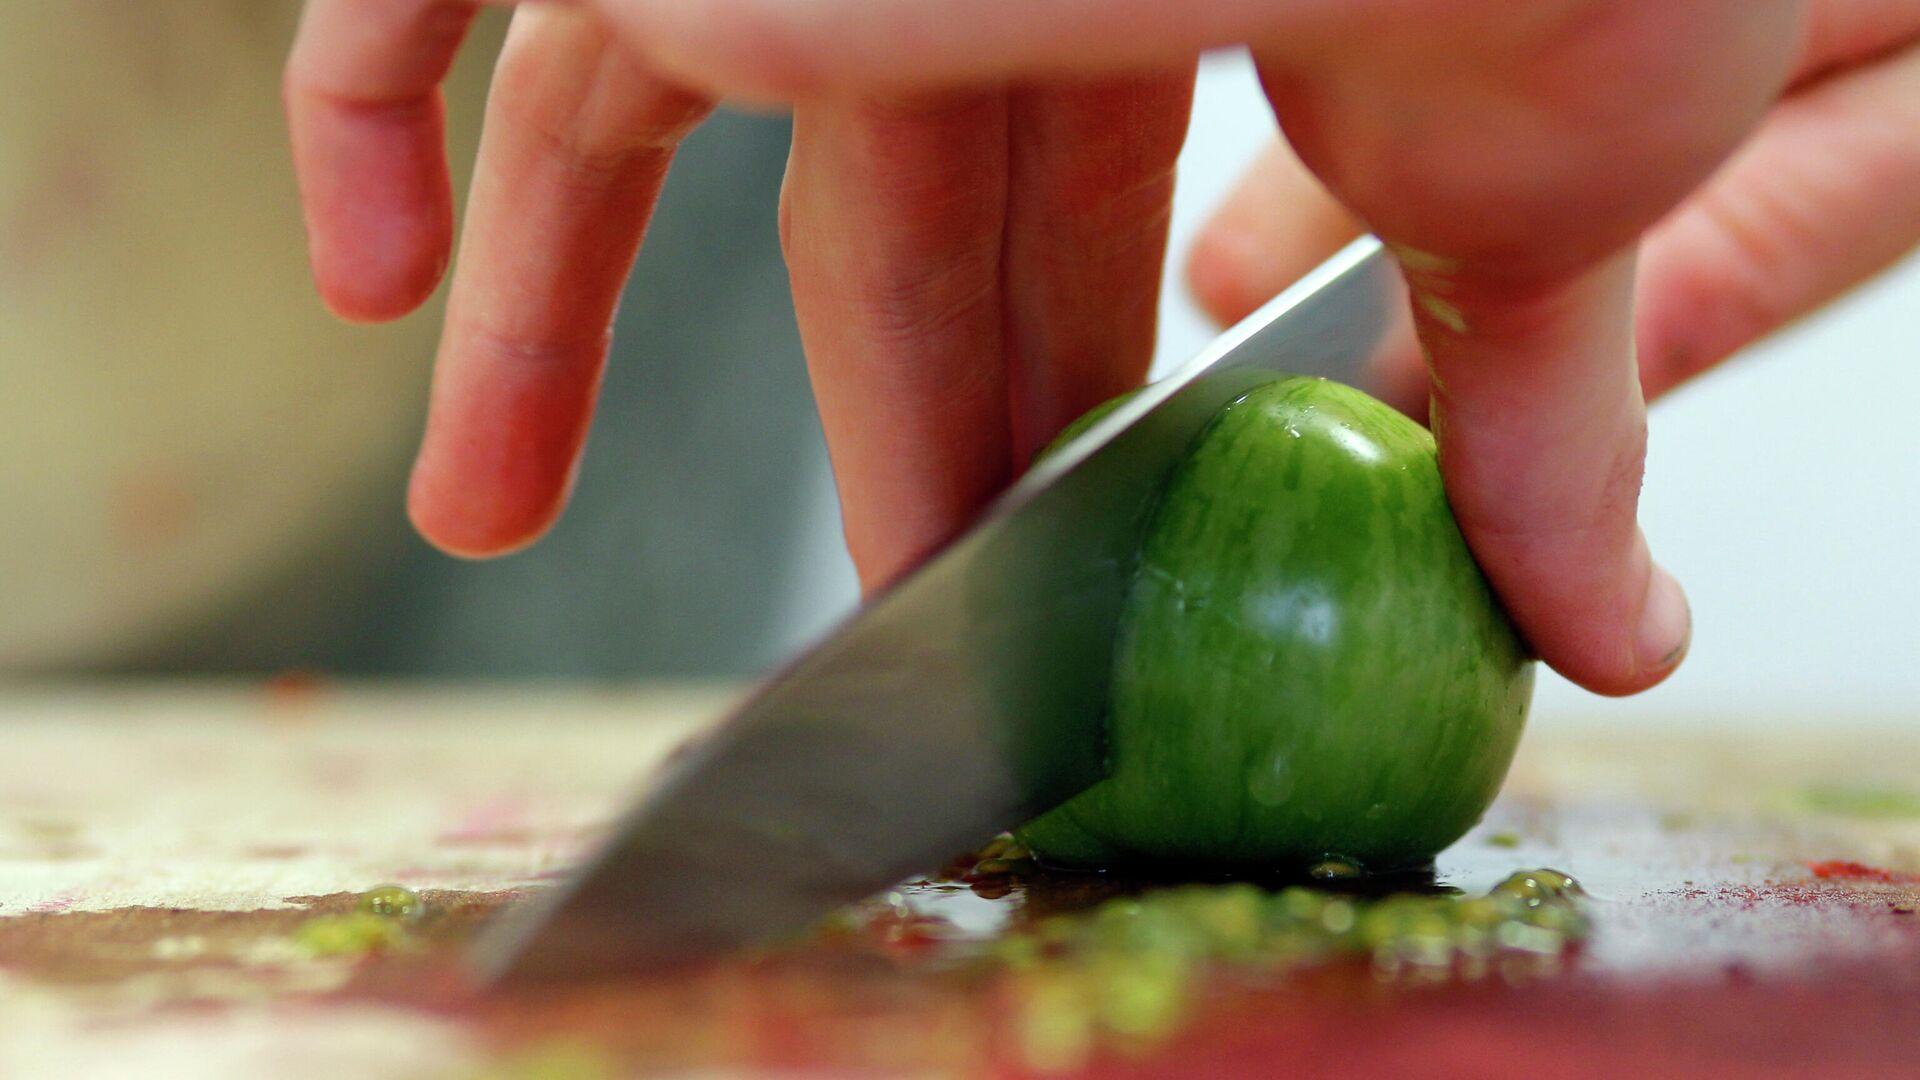 Tomate verde - Sputnik Mundo, 1920, 31.08.2021